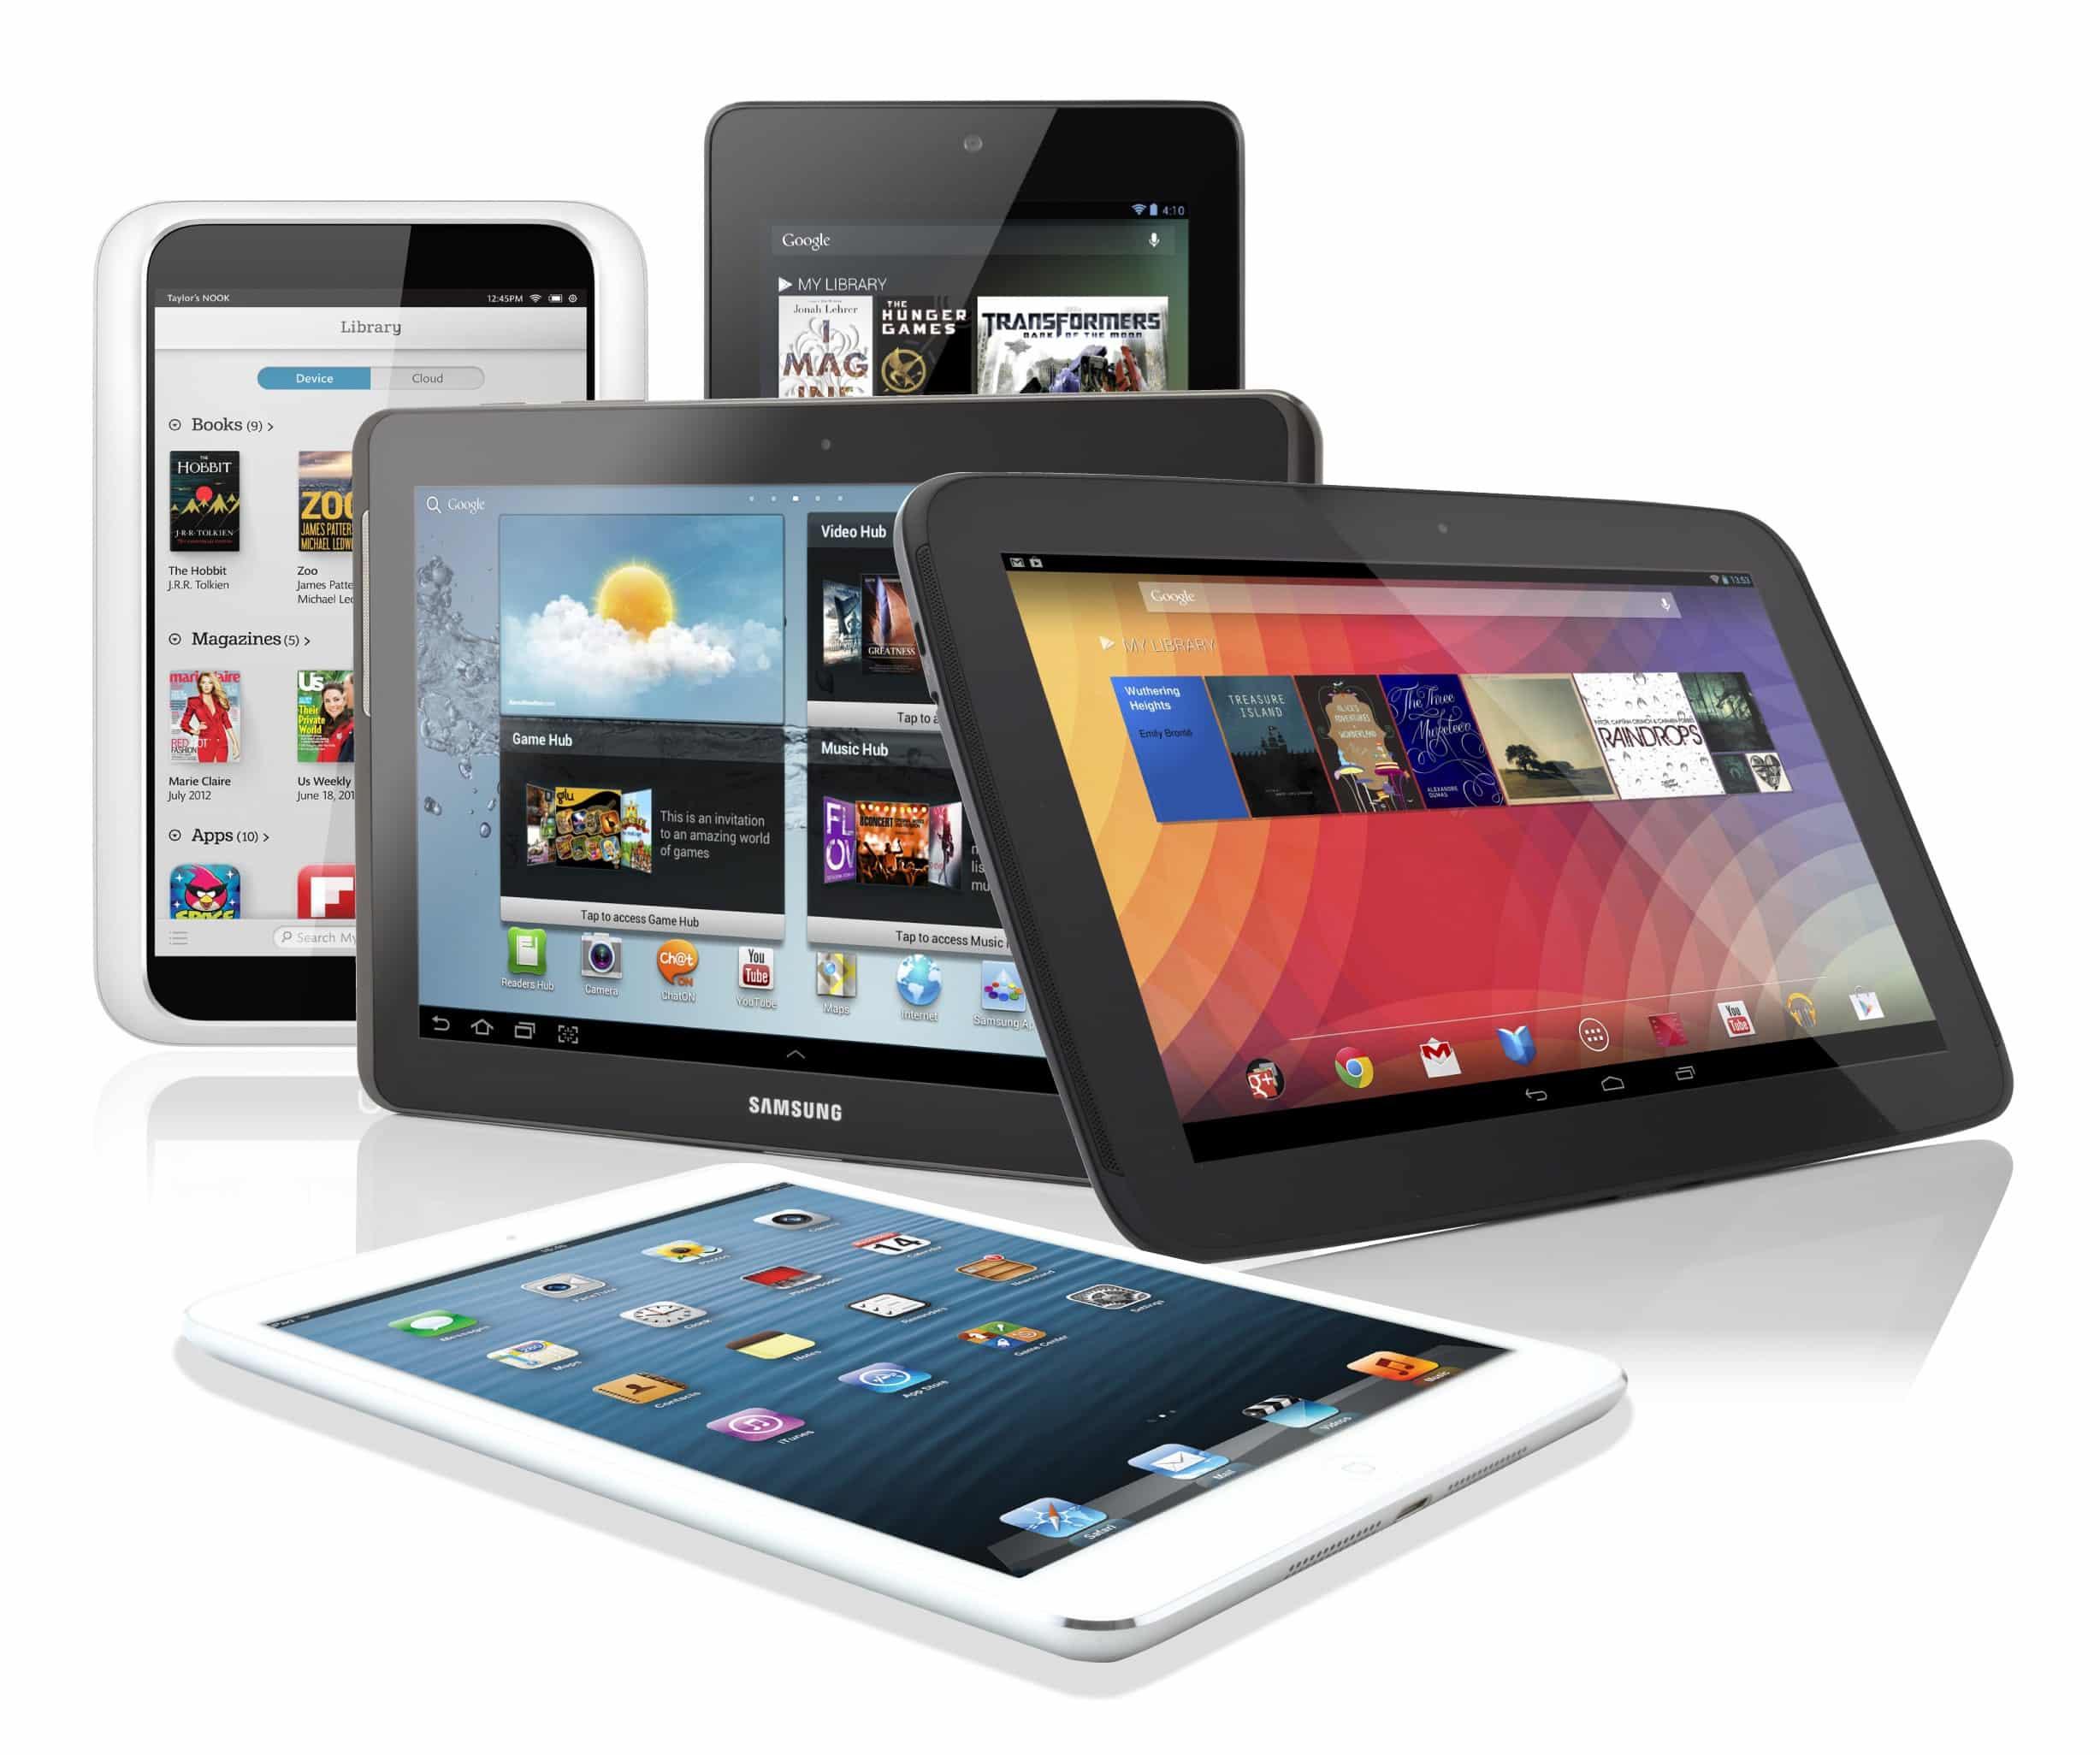 En 2013 las ventas de tablets aumentaron un 68% llegando a comercializar casi 200 millones de dispositivos.